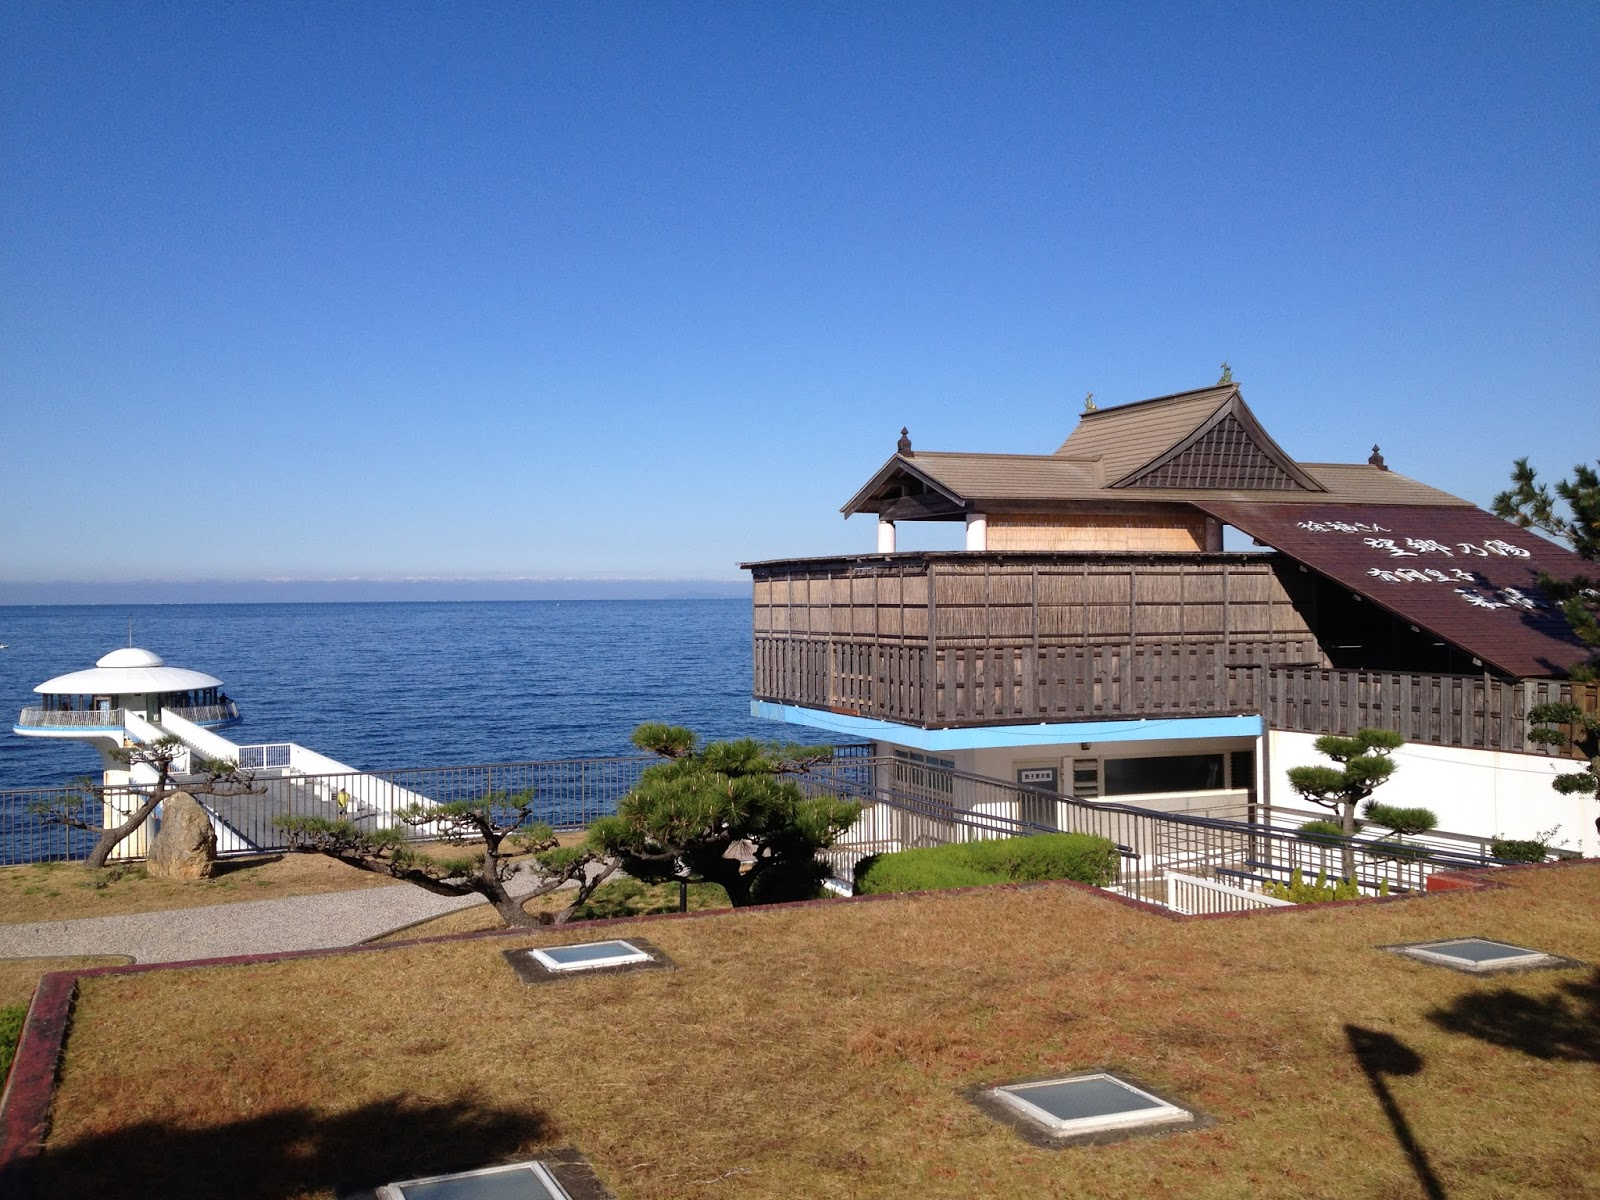 Joseph@外地遊記: 201211 日本和歌山 - 第四日 (串本,那智勝浦)